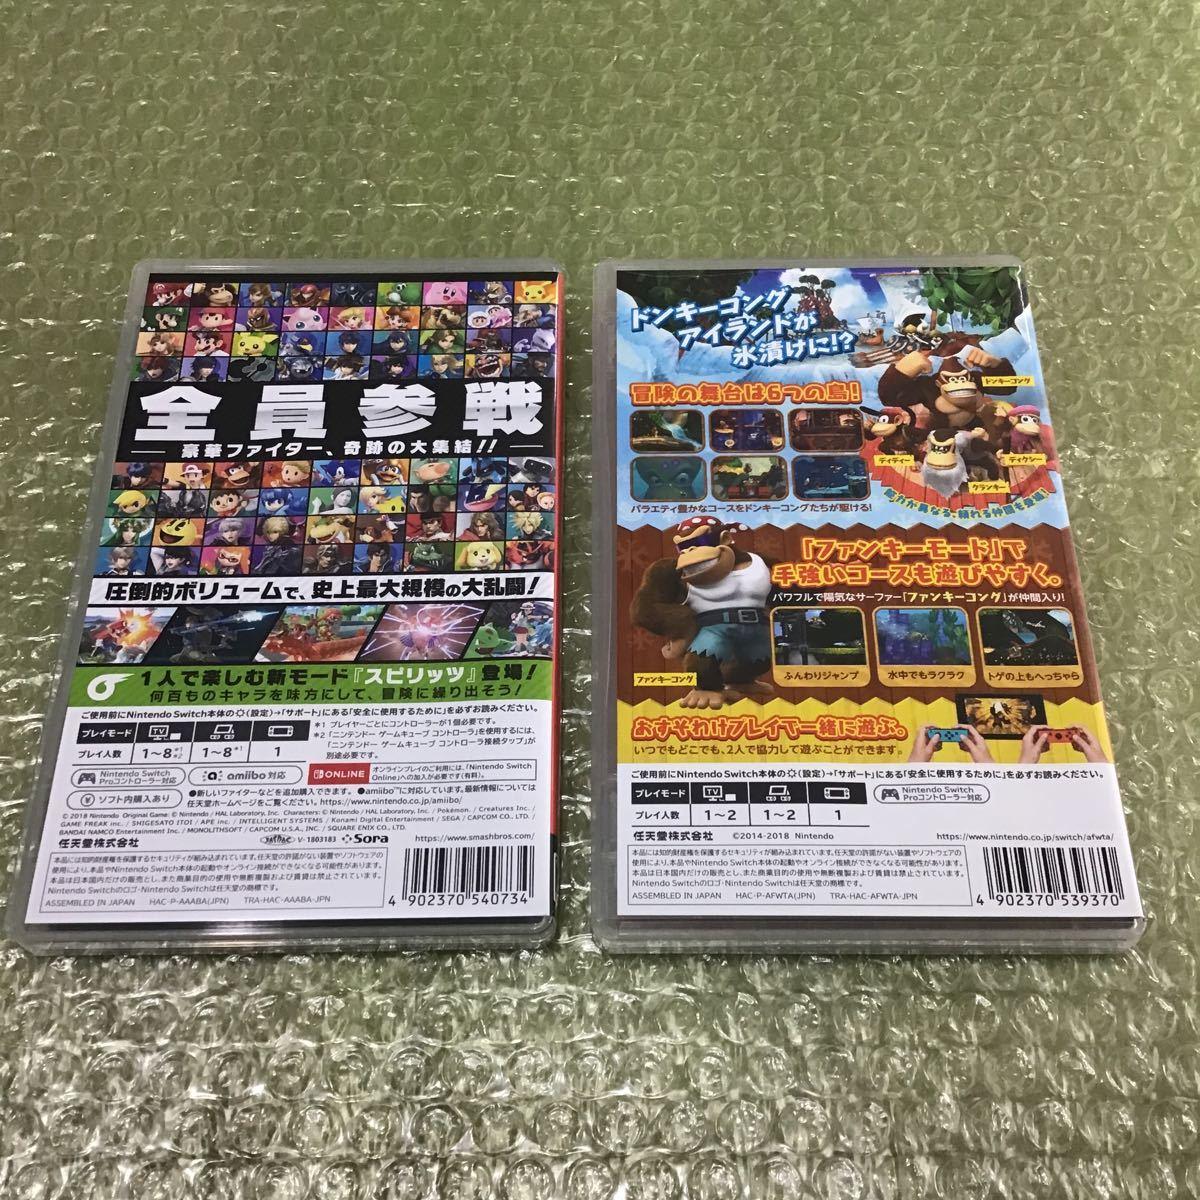 大乱闘スマッシュブラザーズ スペシャル+ ドンキーコング トロピカルフリーズ スイッチゲームソフト 新品同様